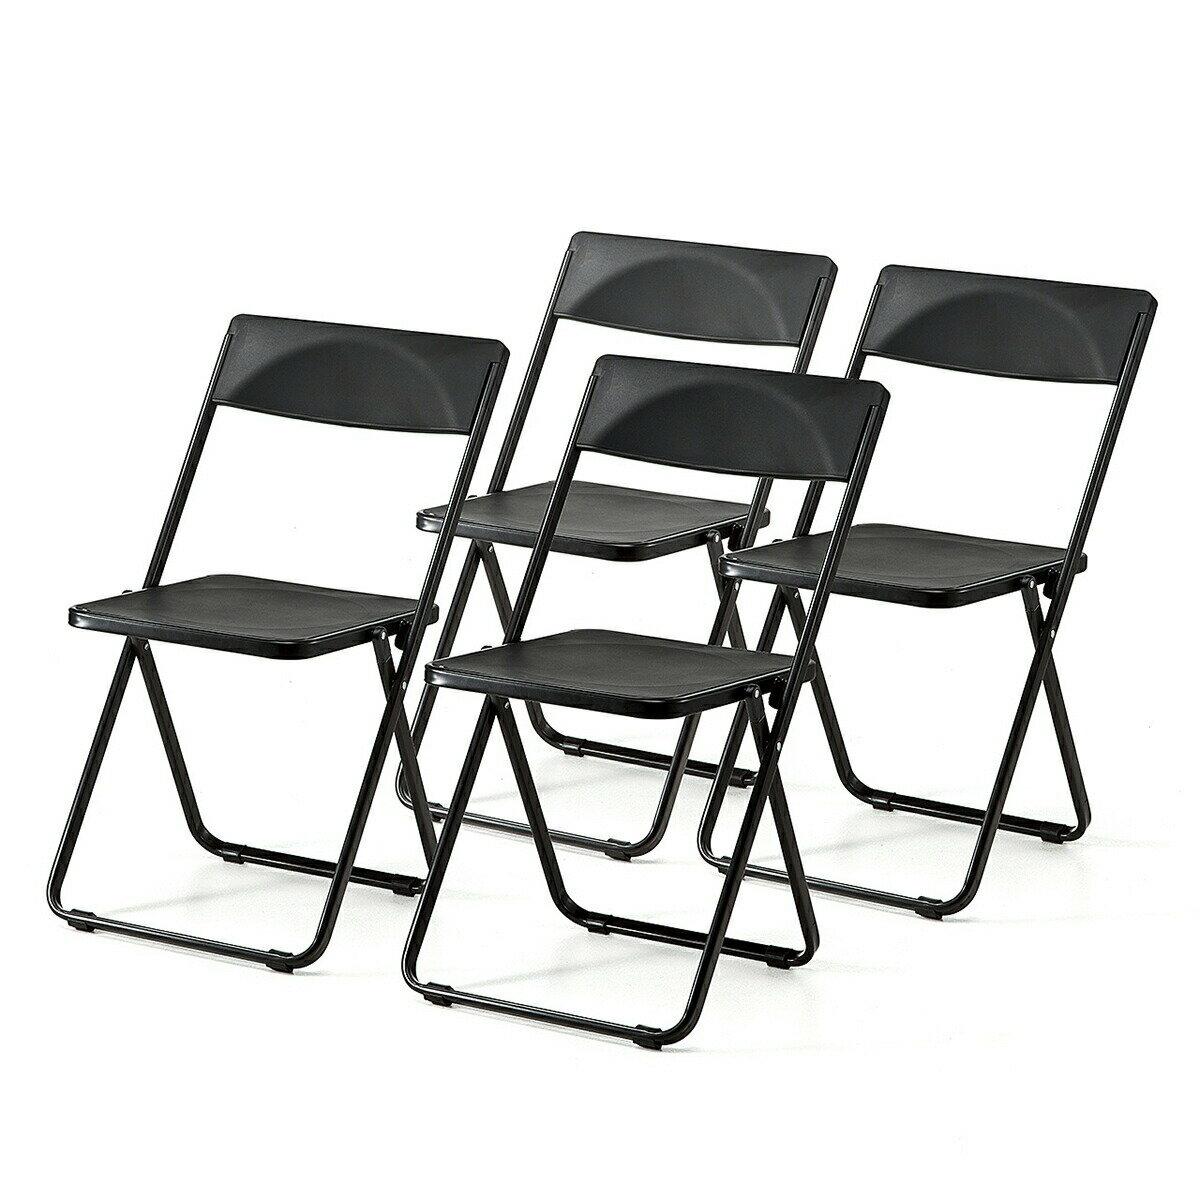 折りたたみ椅子 デザインチェア 1脚 おしゃれ SLIM ダイニングチェア フォールディングチェア スタッキングチェア SLIM オフィスチェア 椅子[150-SNCH0061]【サンワダイレクト限定品】【送料無料】